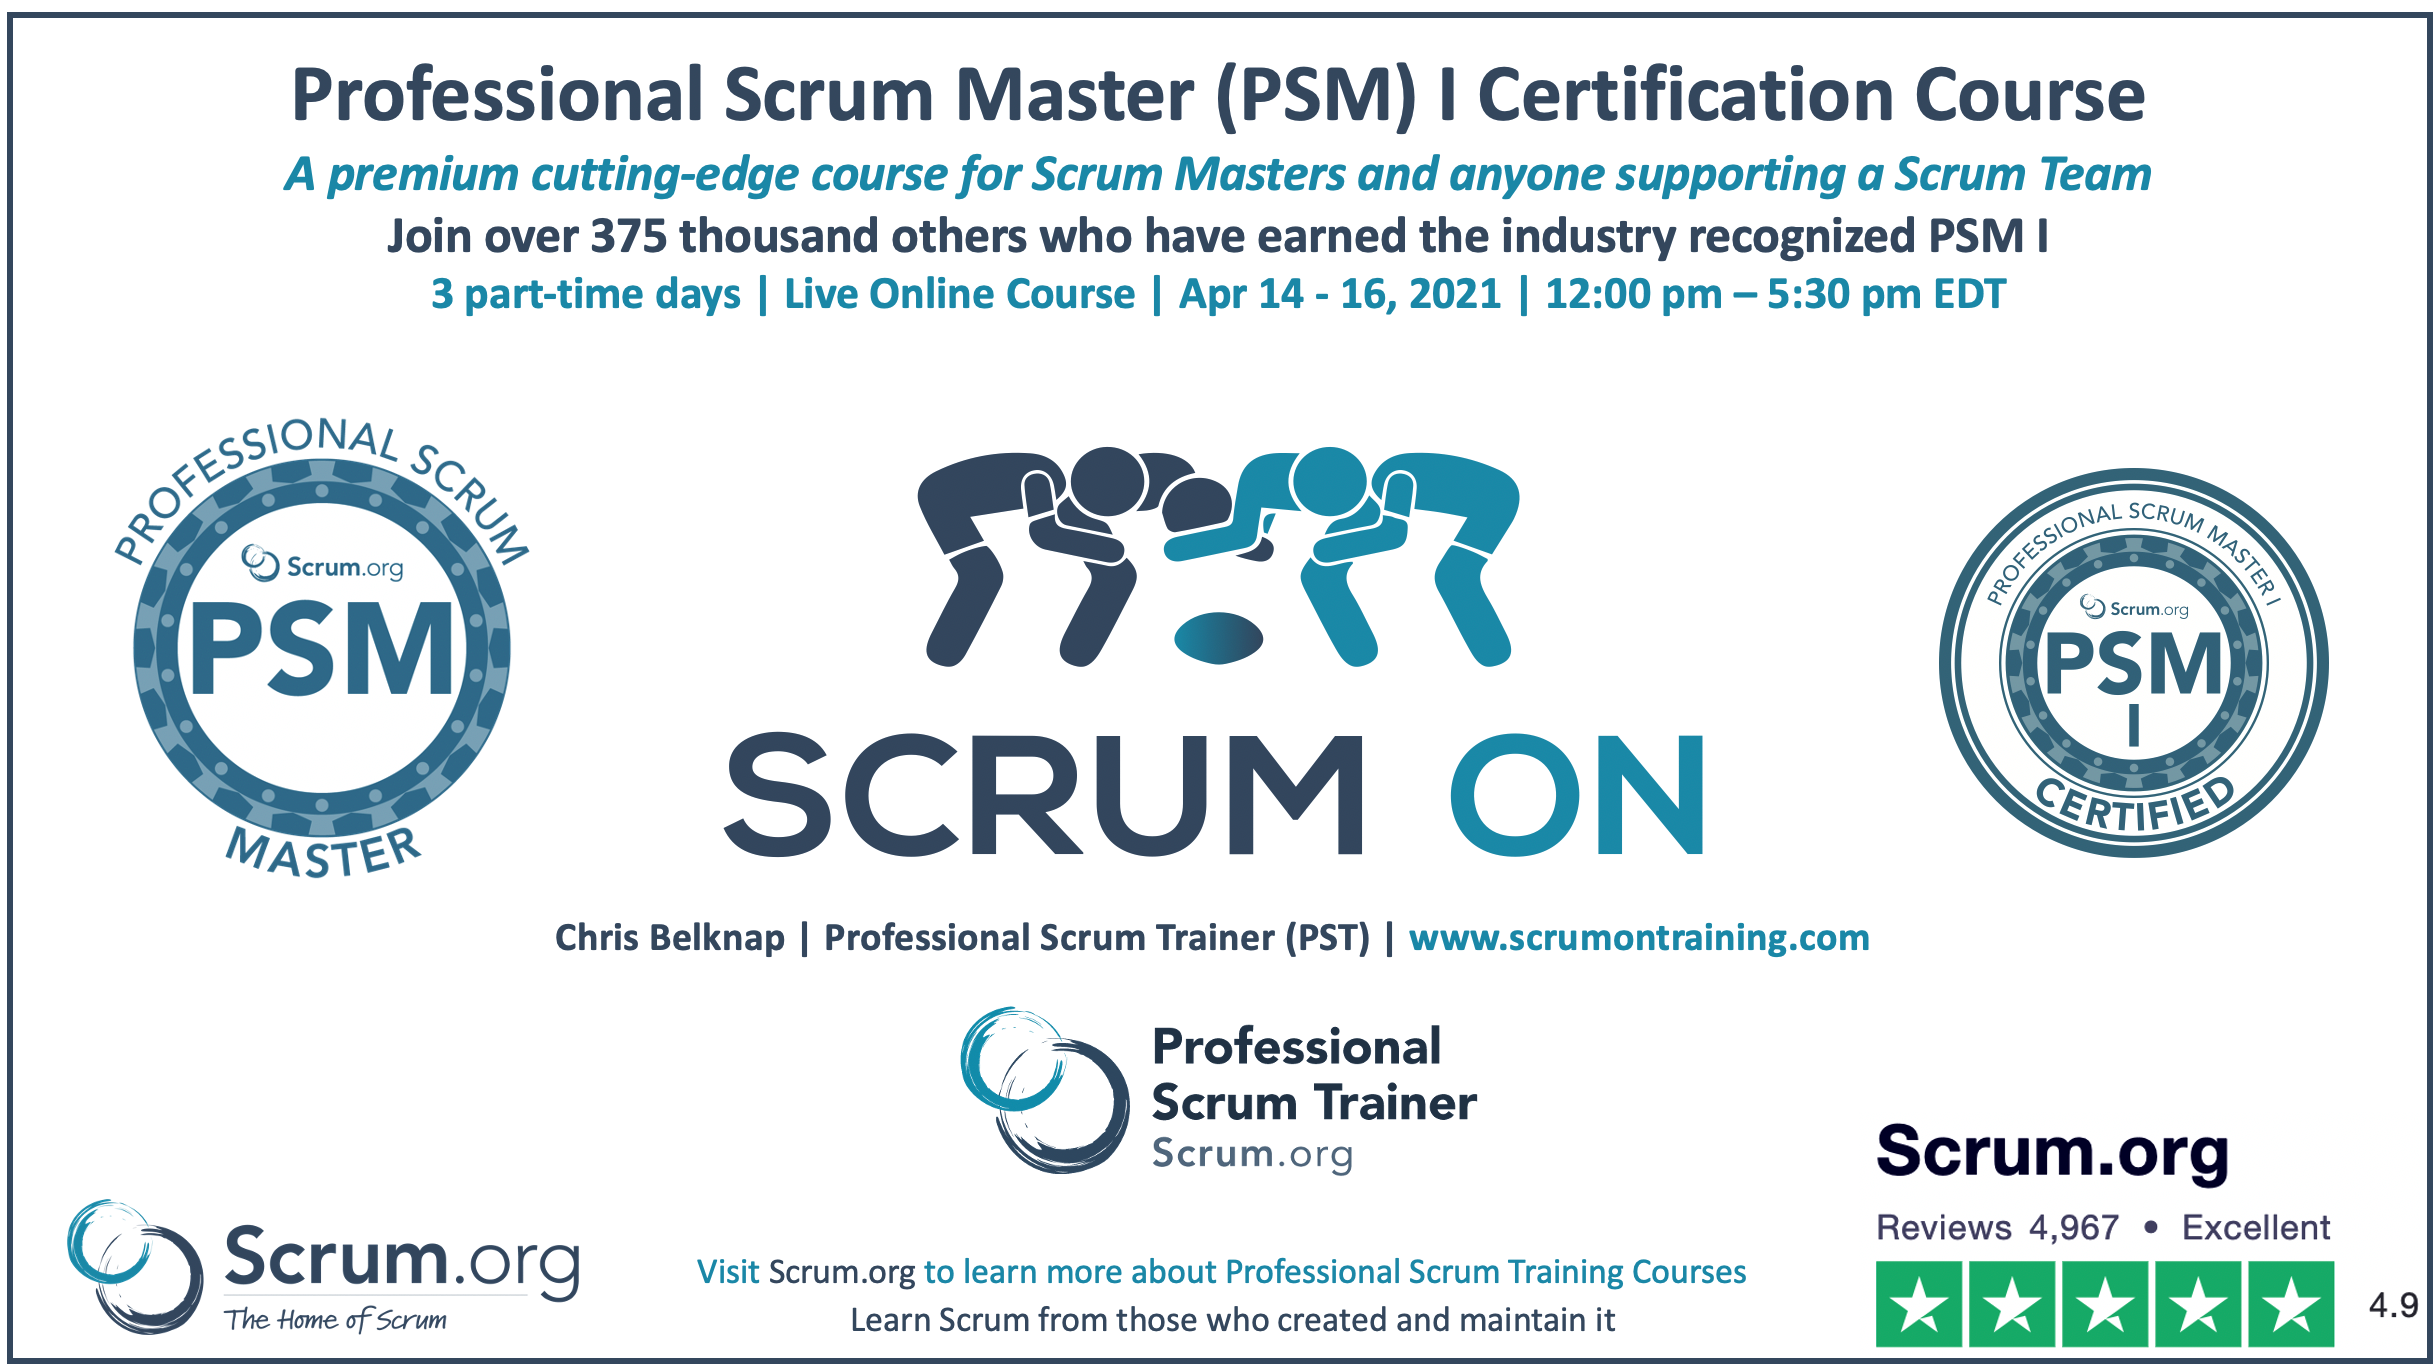 Professional Scrum Master PSM I Course